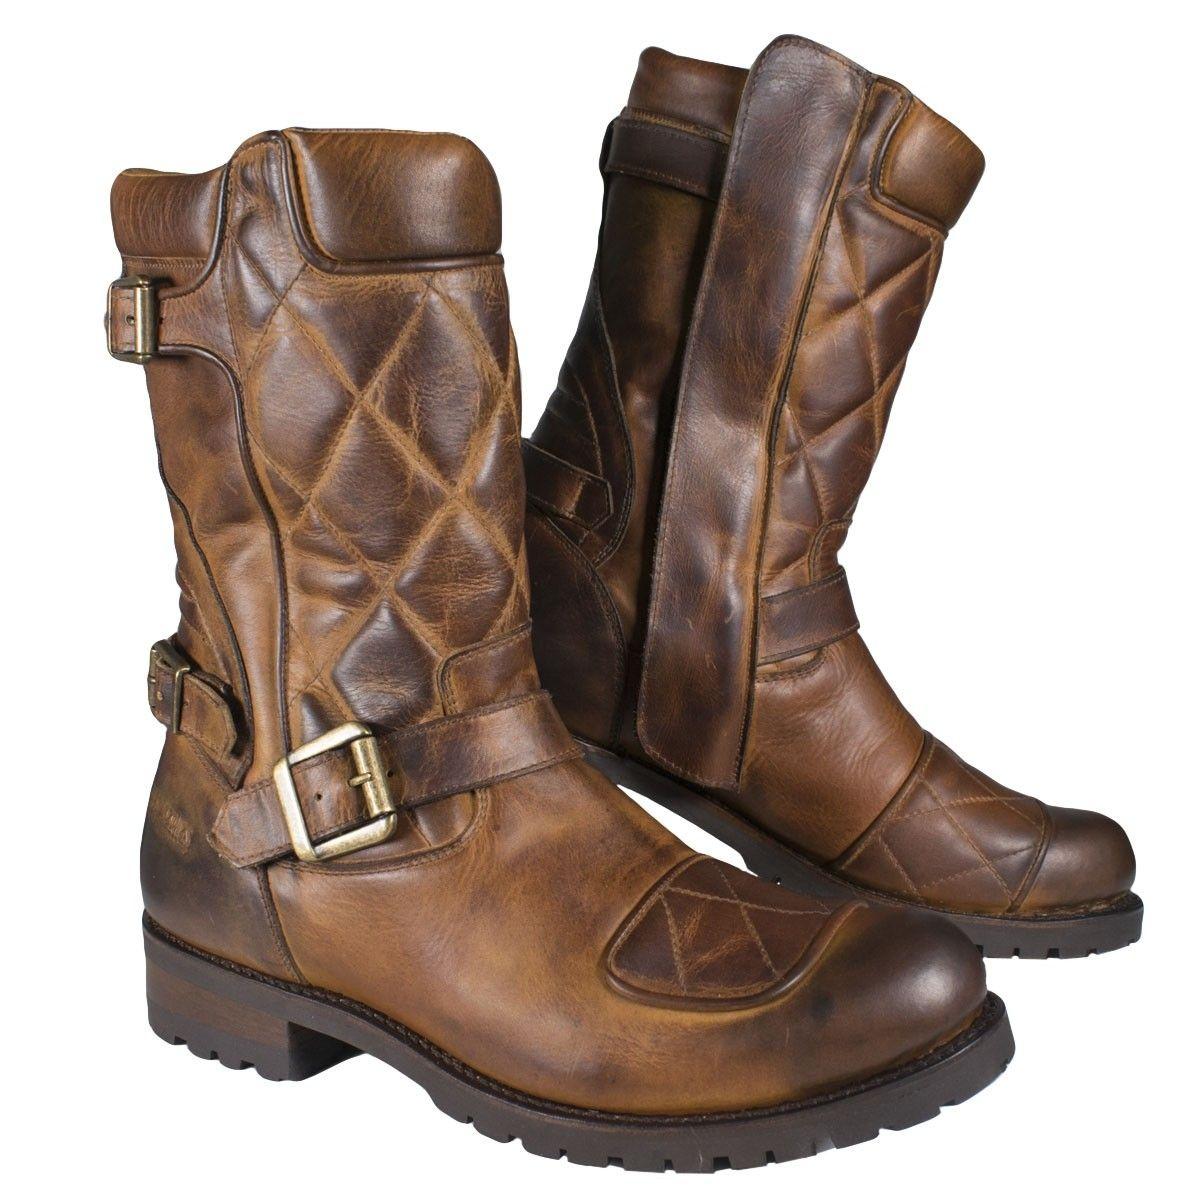 TCX Motorcycle Boots Fuel WP Vintage Brown Vintage Brown 36